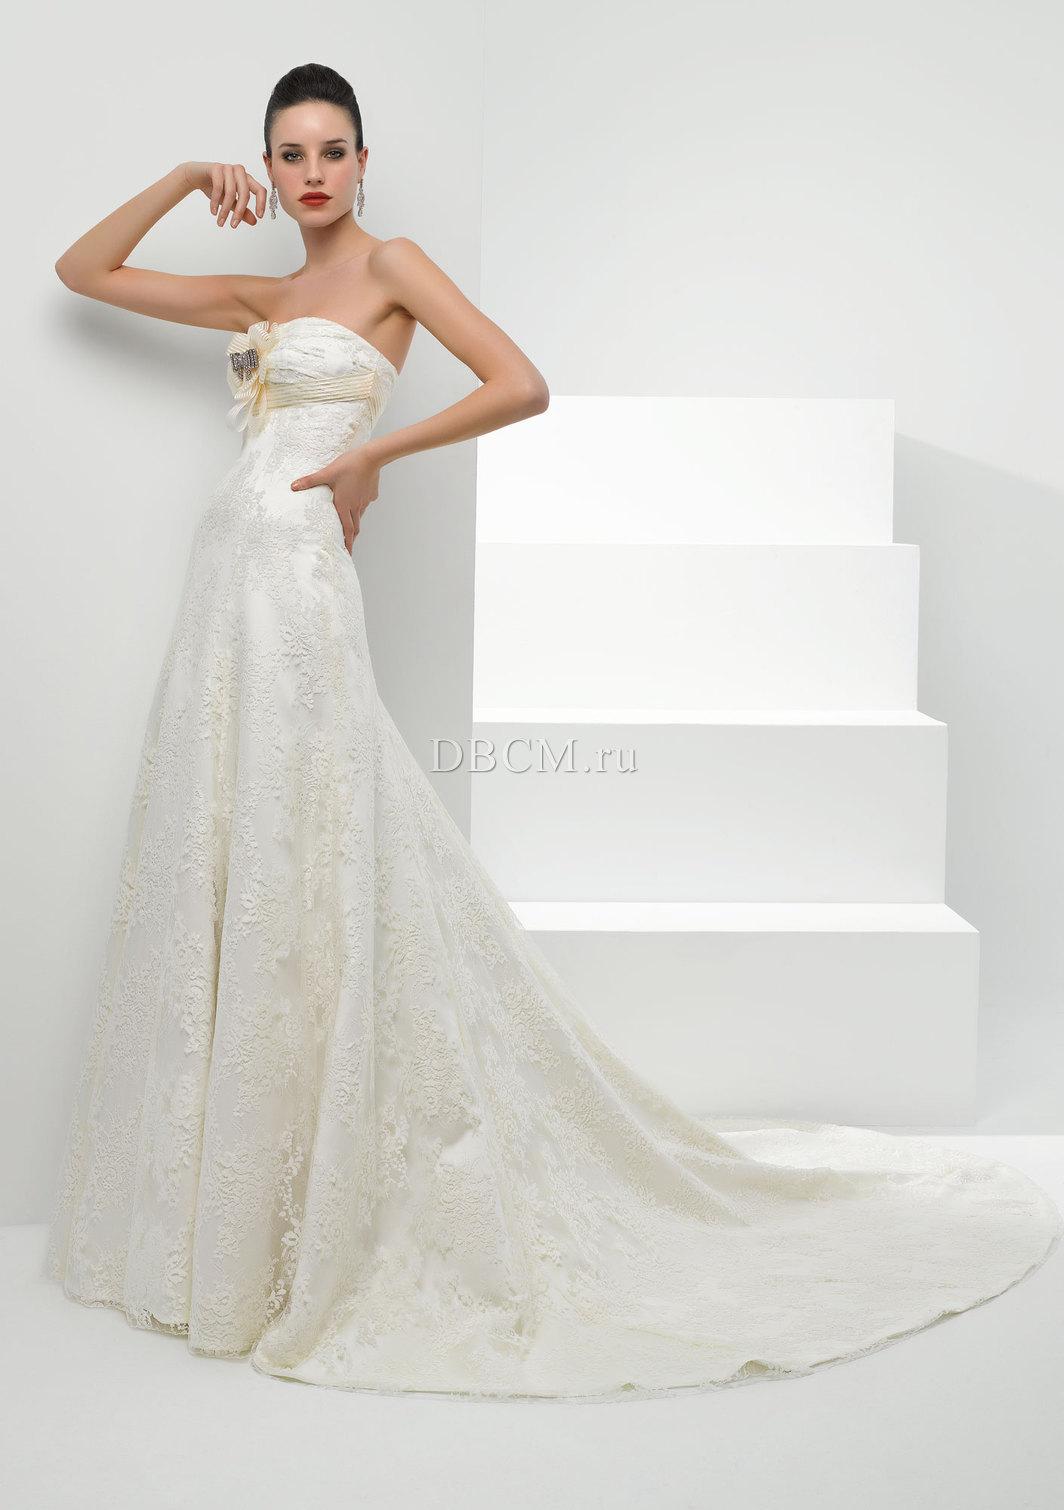 Длинное платье ампир купить